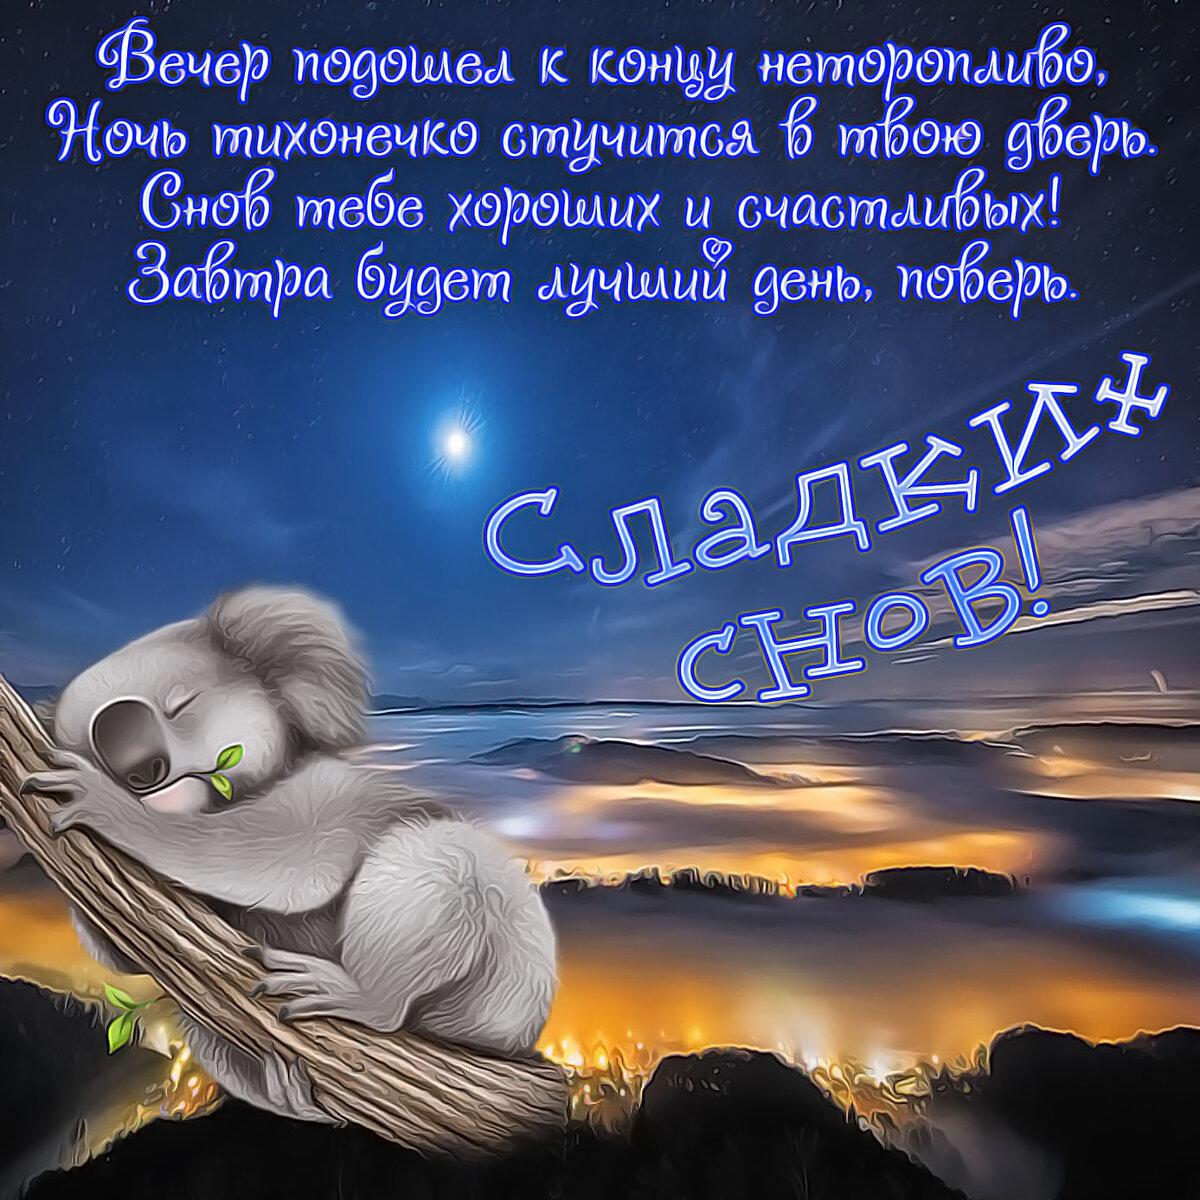 Открытки самые интересные спокойной ночи, открытка доброй ночи